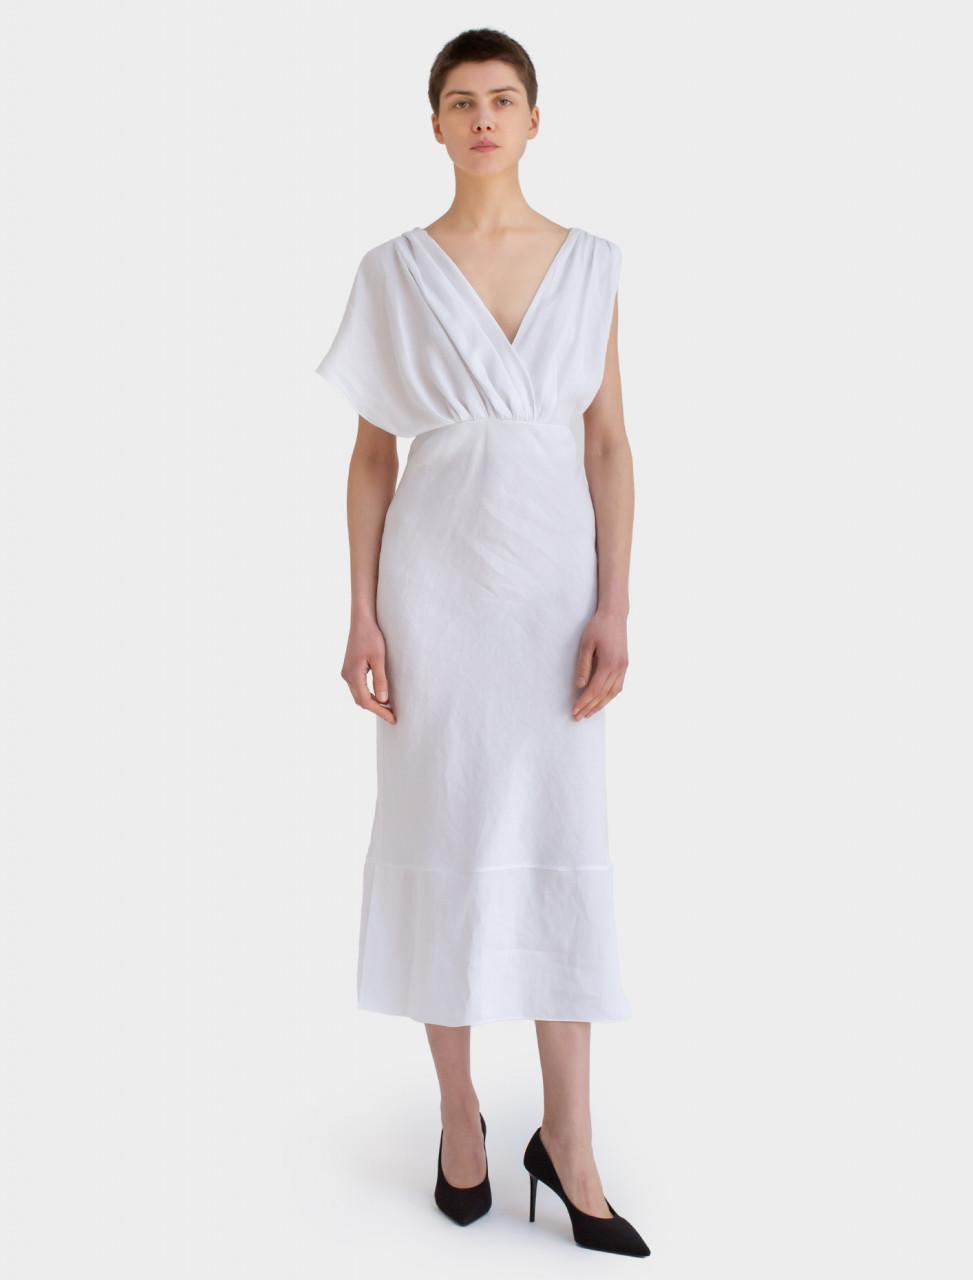 Miu Miu Linen Dress